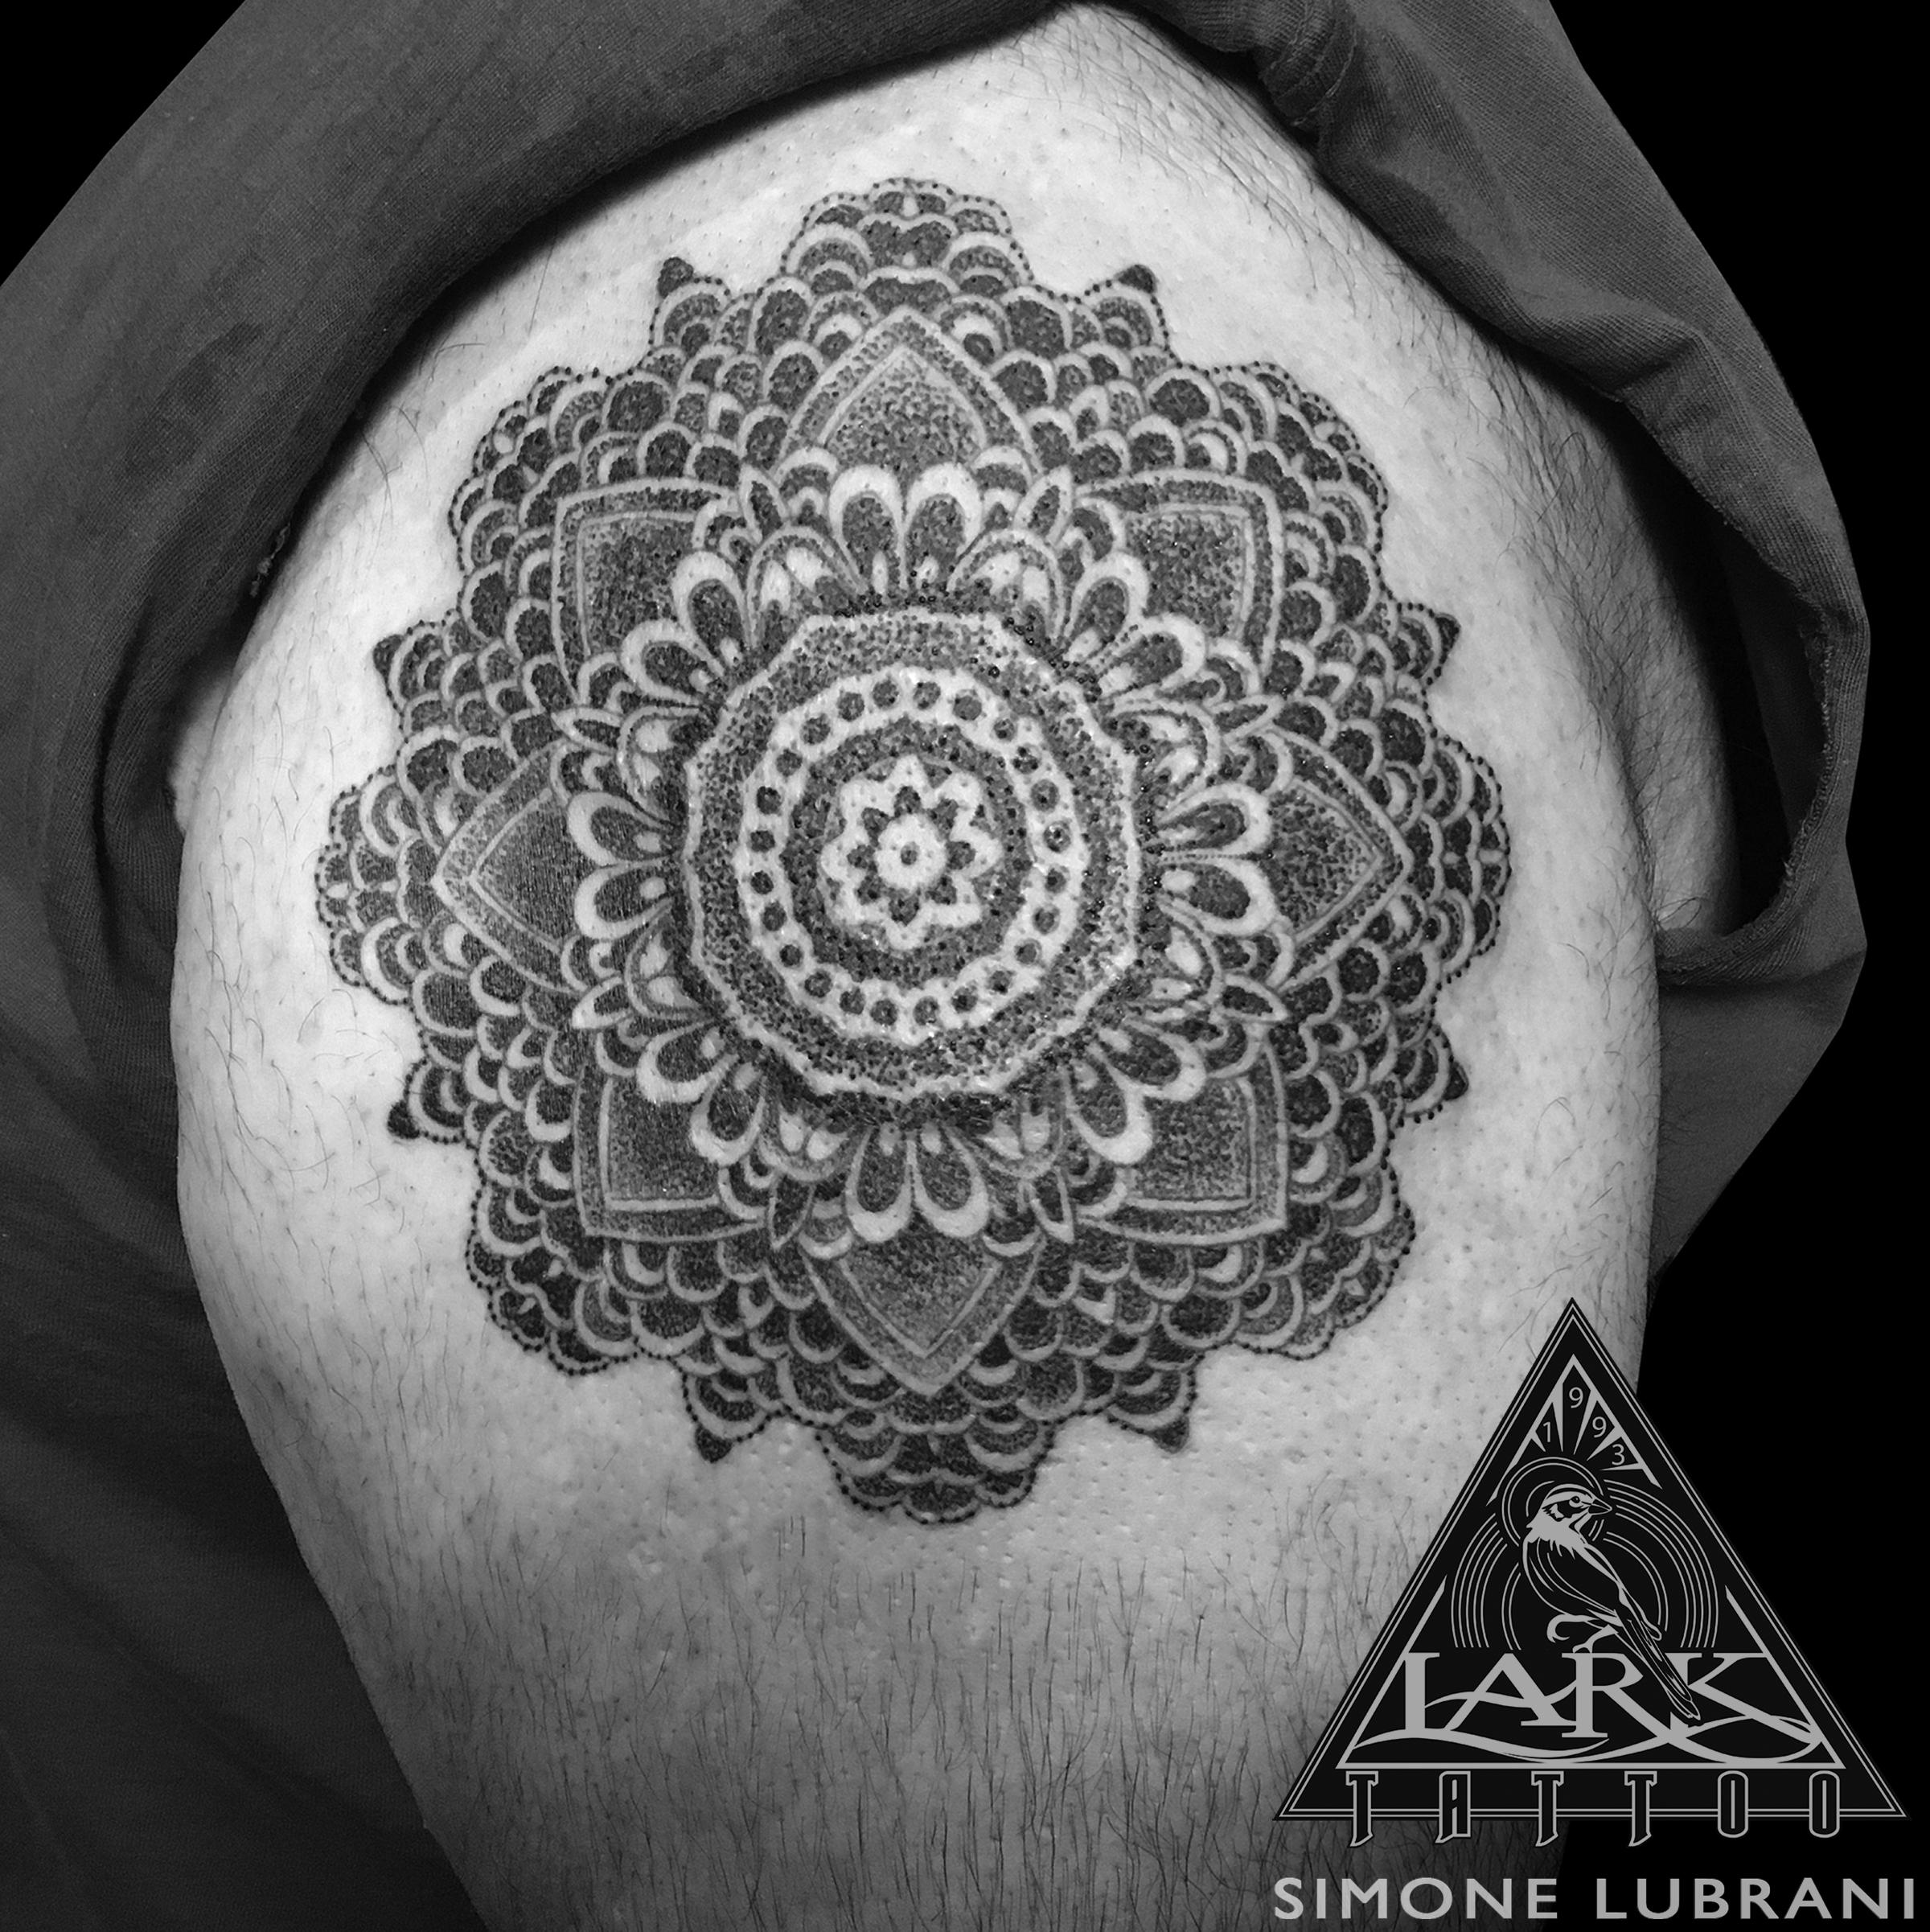 #LarkTattoo #Tattoo #SimoneLubrani #SimoneLubraniLarkTattoo #Tattoos #Mandala #MandalaTattoo #Dotwork #DotworkTattoo #Stipple #StippleTattoo #BlackAndGray #BlackAndGrayTattoo #BlackAndGrey #BlackAndGreyTattoo #BNG #BNGTattoo #ArmTattoo #BicepTattoo #Geometric #GeometricTattoo #TattooArtist #Tattoist #Tattooer #LongIslandTattooArtist #LongIslandTattooer #LongIslandTattoo #TattooOfTheDay #Tat #Tats #Tatts #Tatted #Inked #Ink #TattooInk #AmazingInk #AmazingTattoo #BodyArt #LarkTattooWestbury #Westbury #LongIsland #NY #NewYork #USA #Art #Tattedup #InkedUp #LarkTattoos